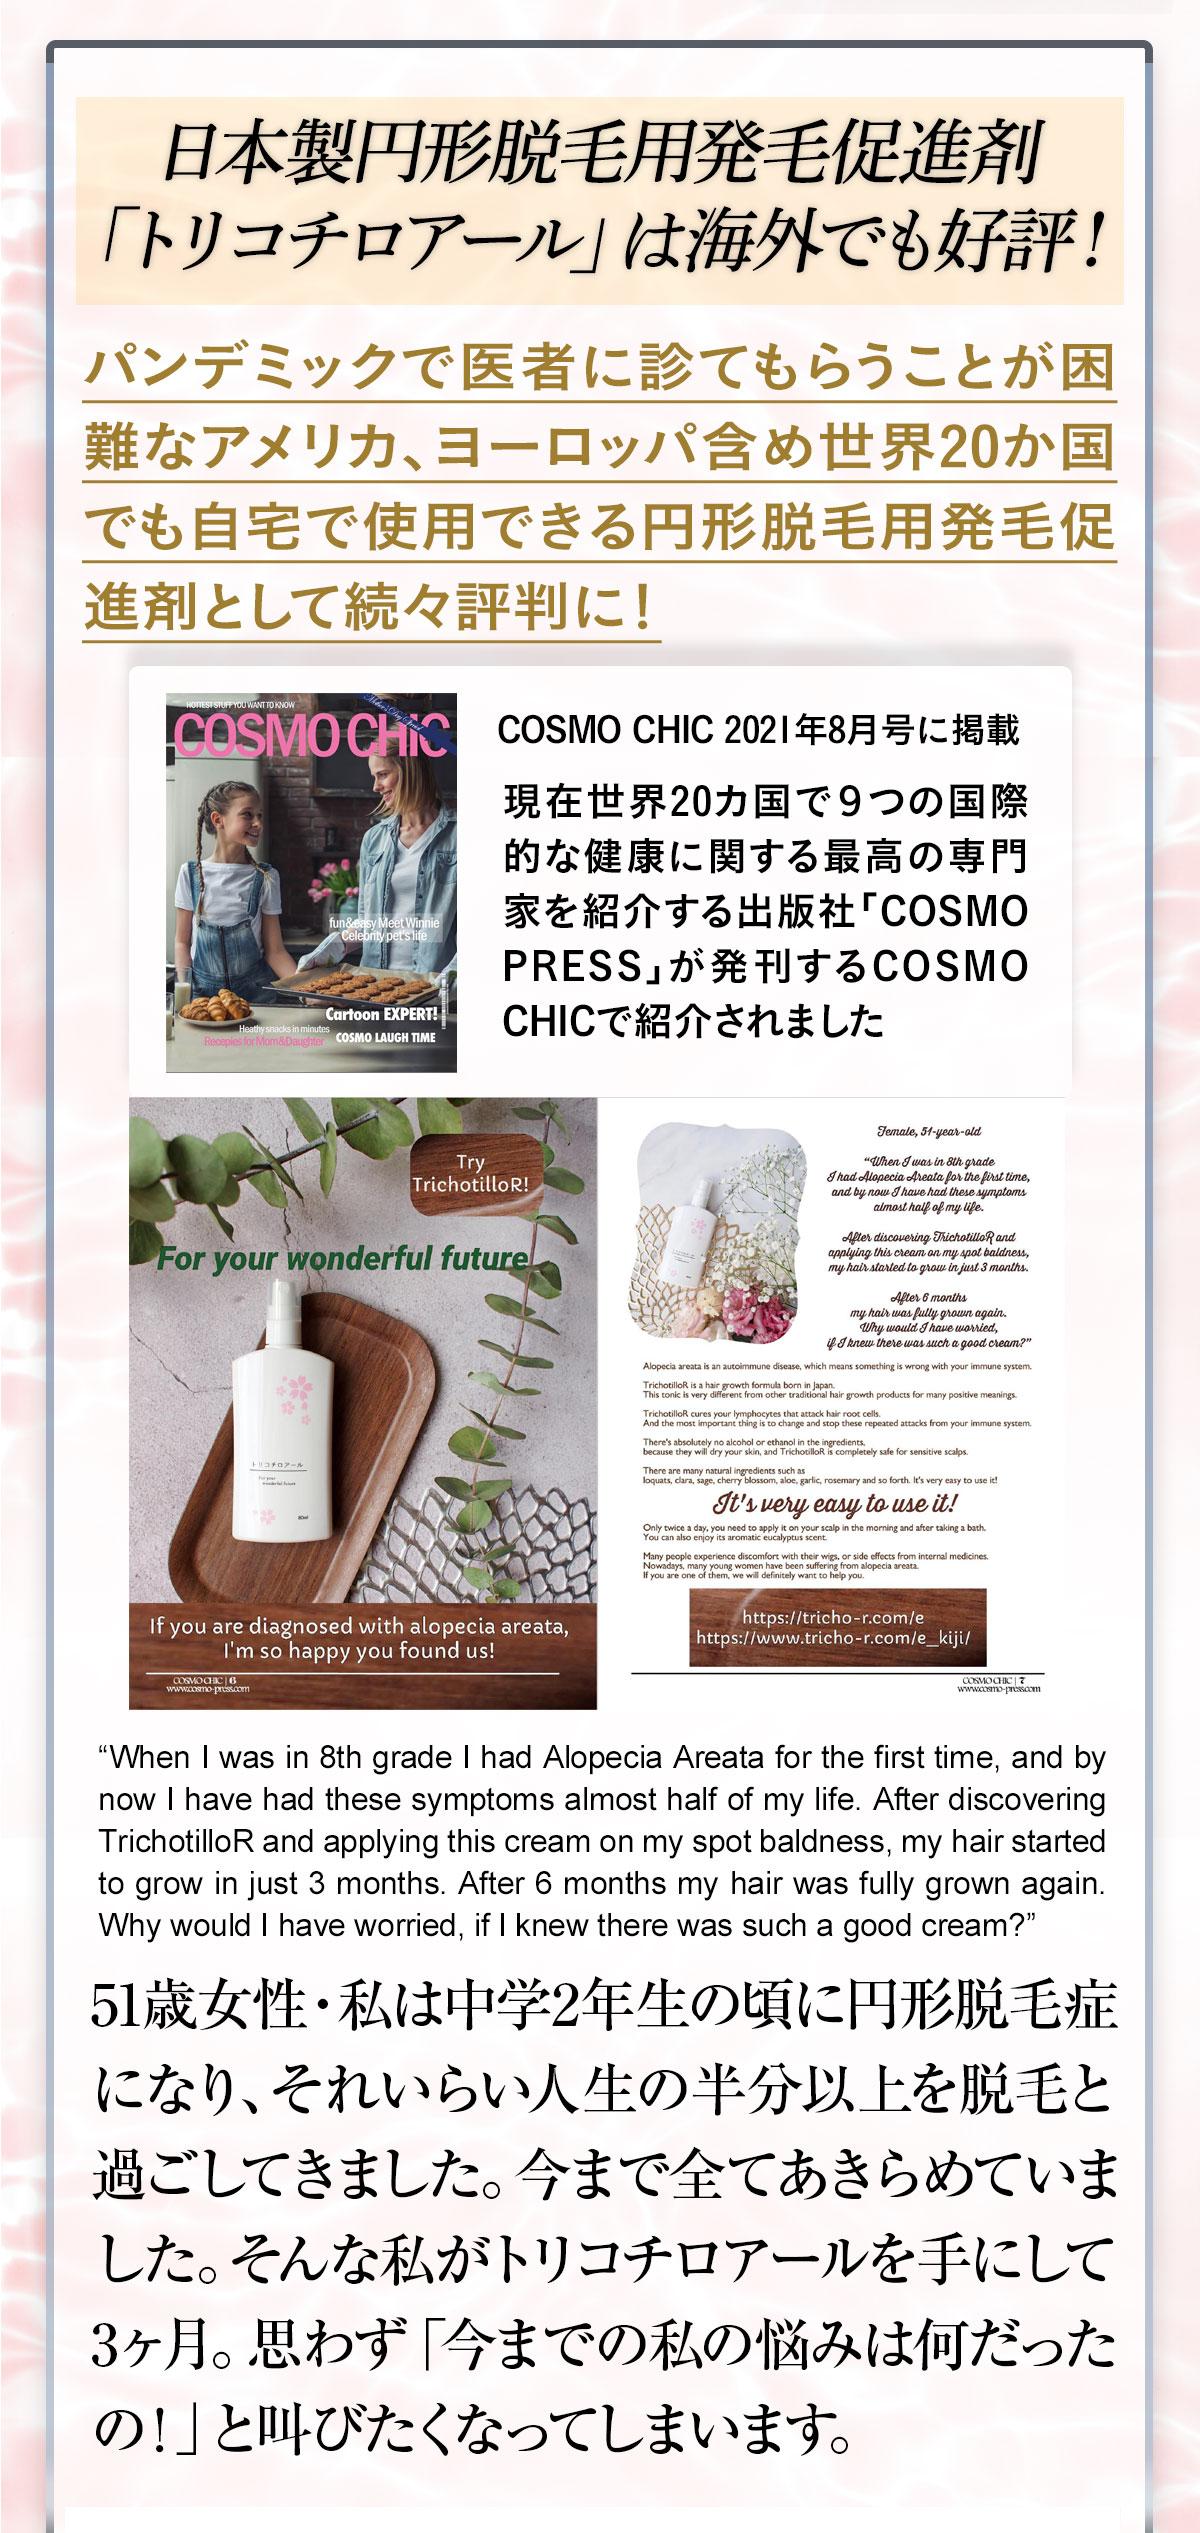 日本製円形脱毛症用発毛促進剤トリコチロアールは海外でも好評